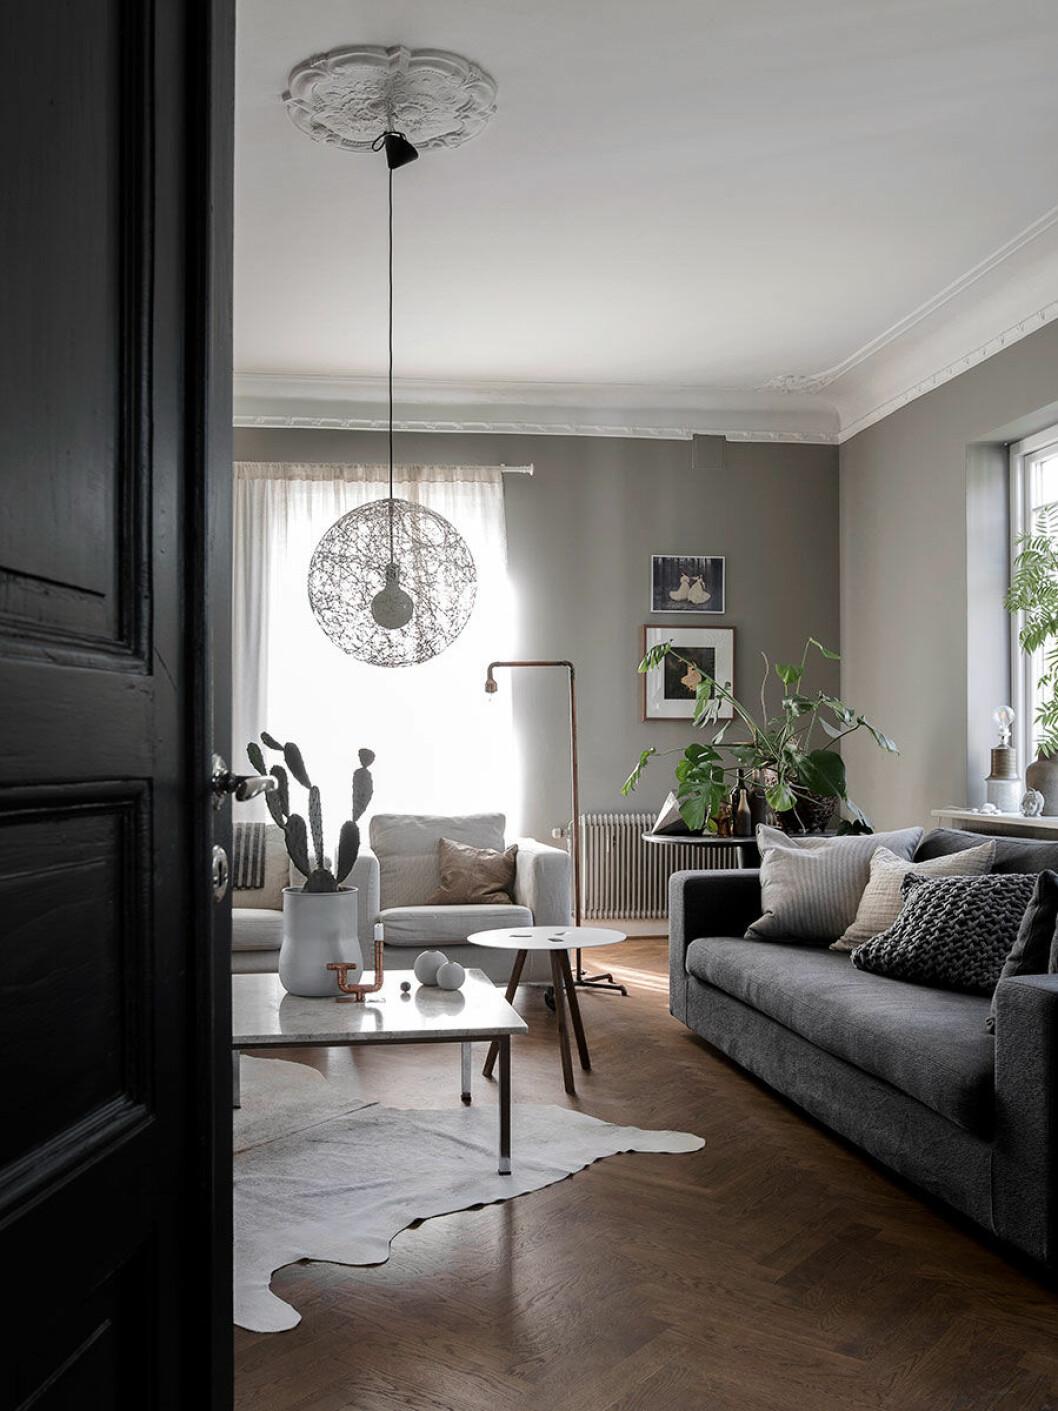 Vardagsrummet går i gråa toner